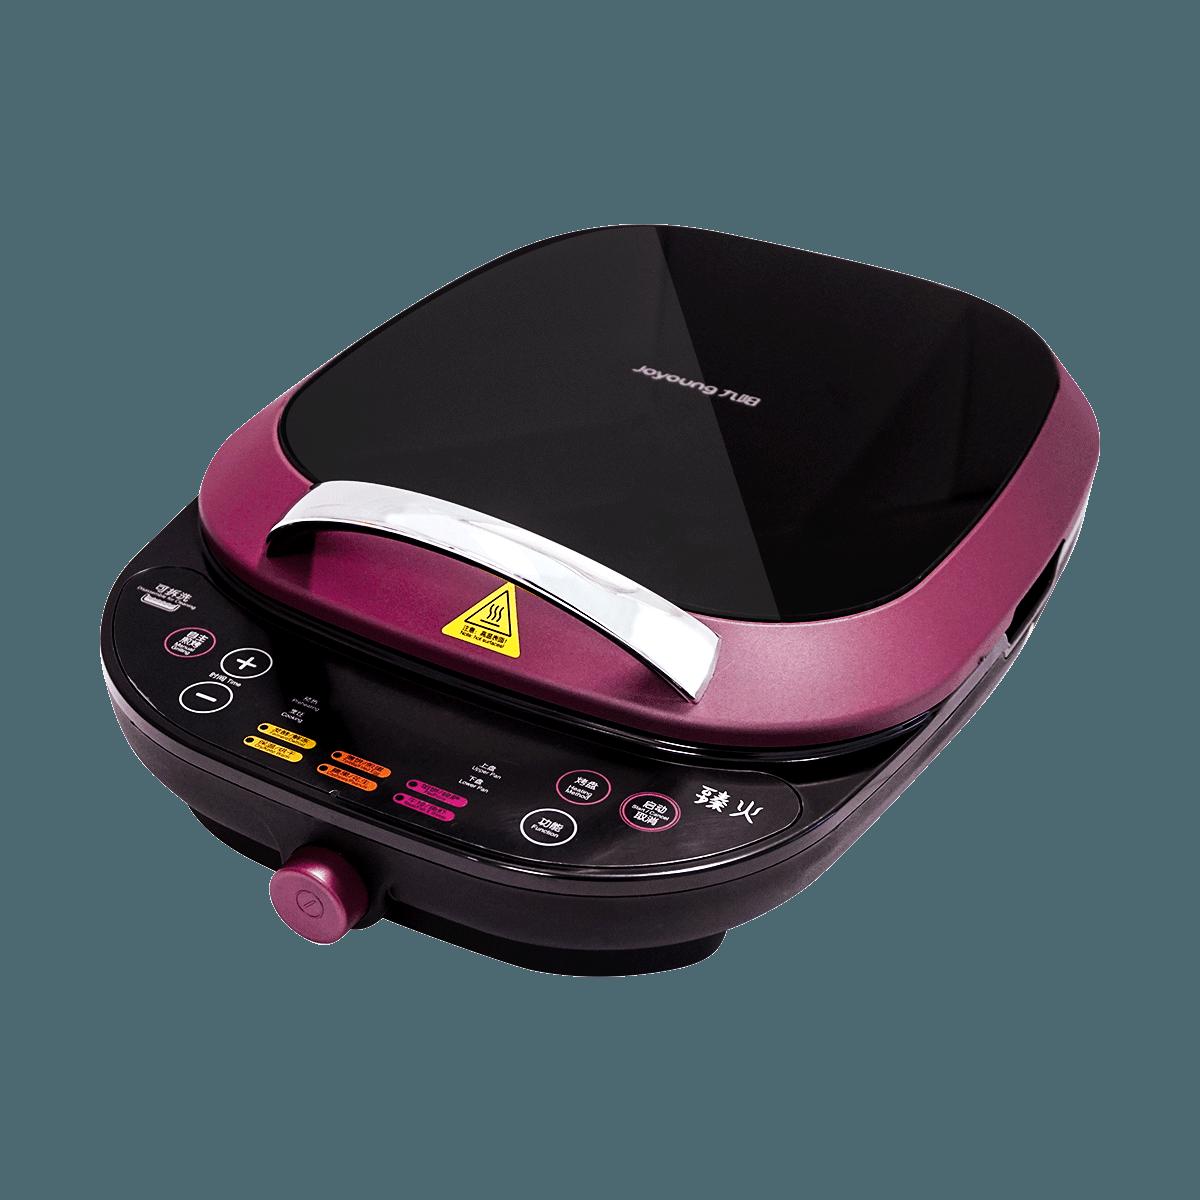 【热销现货】JOYOUNG九阳 双面悬浮加热电饼铛煎烤机  JK30U-D1 下方底盘可拆卸清洗 怎么样 - 亚米网